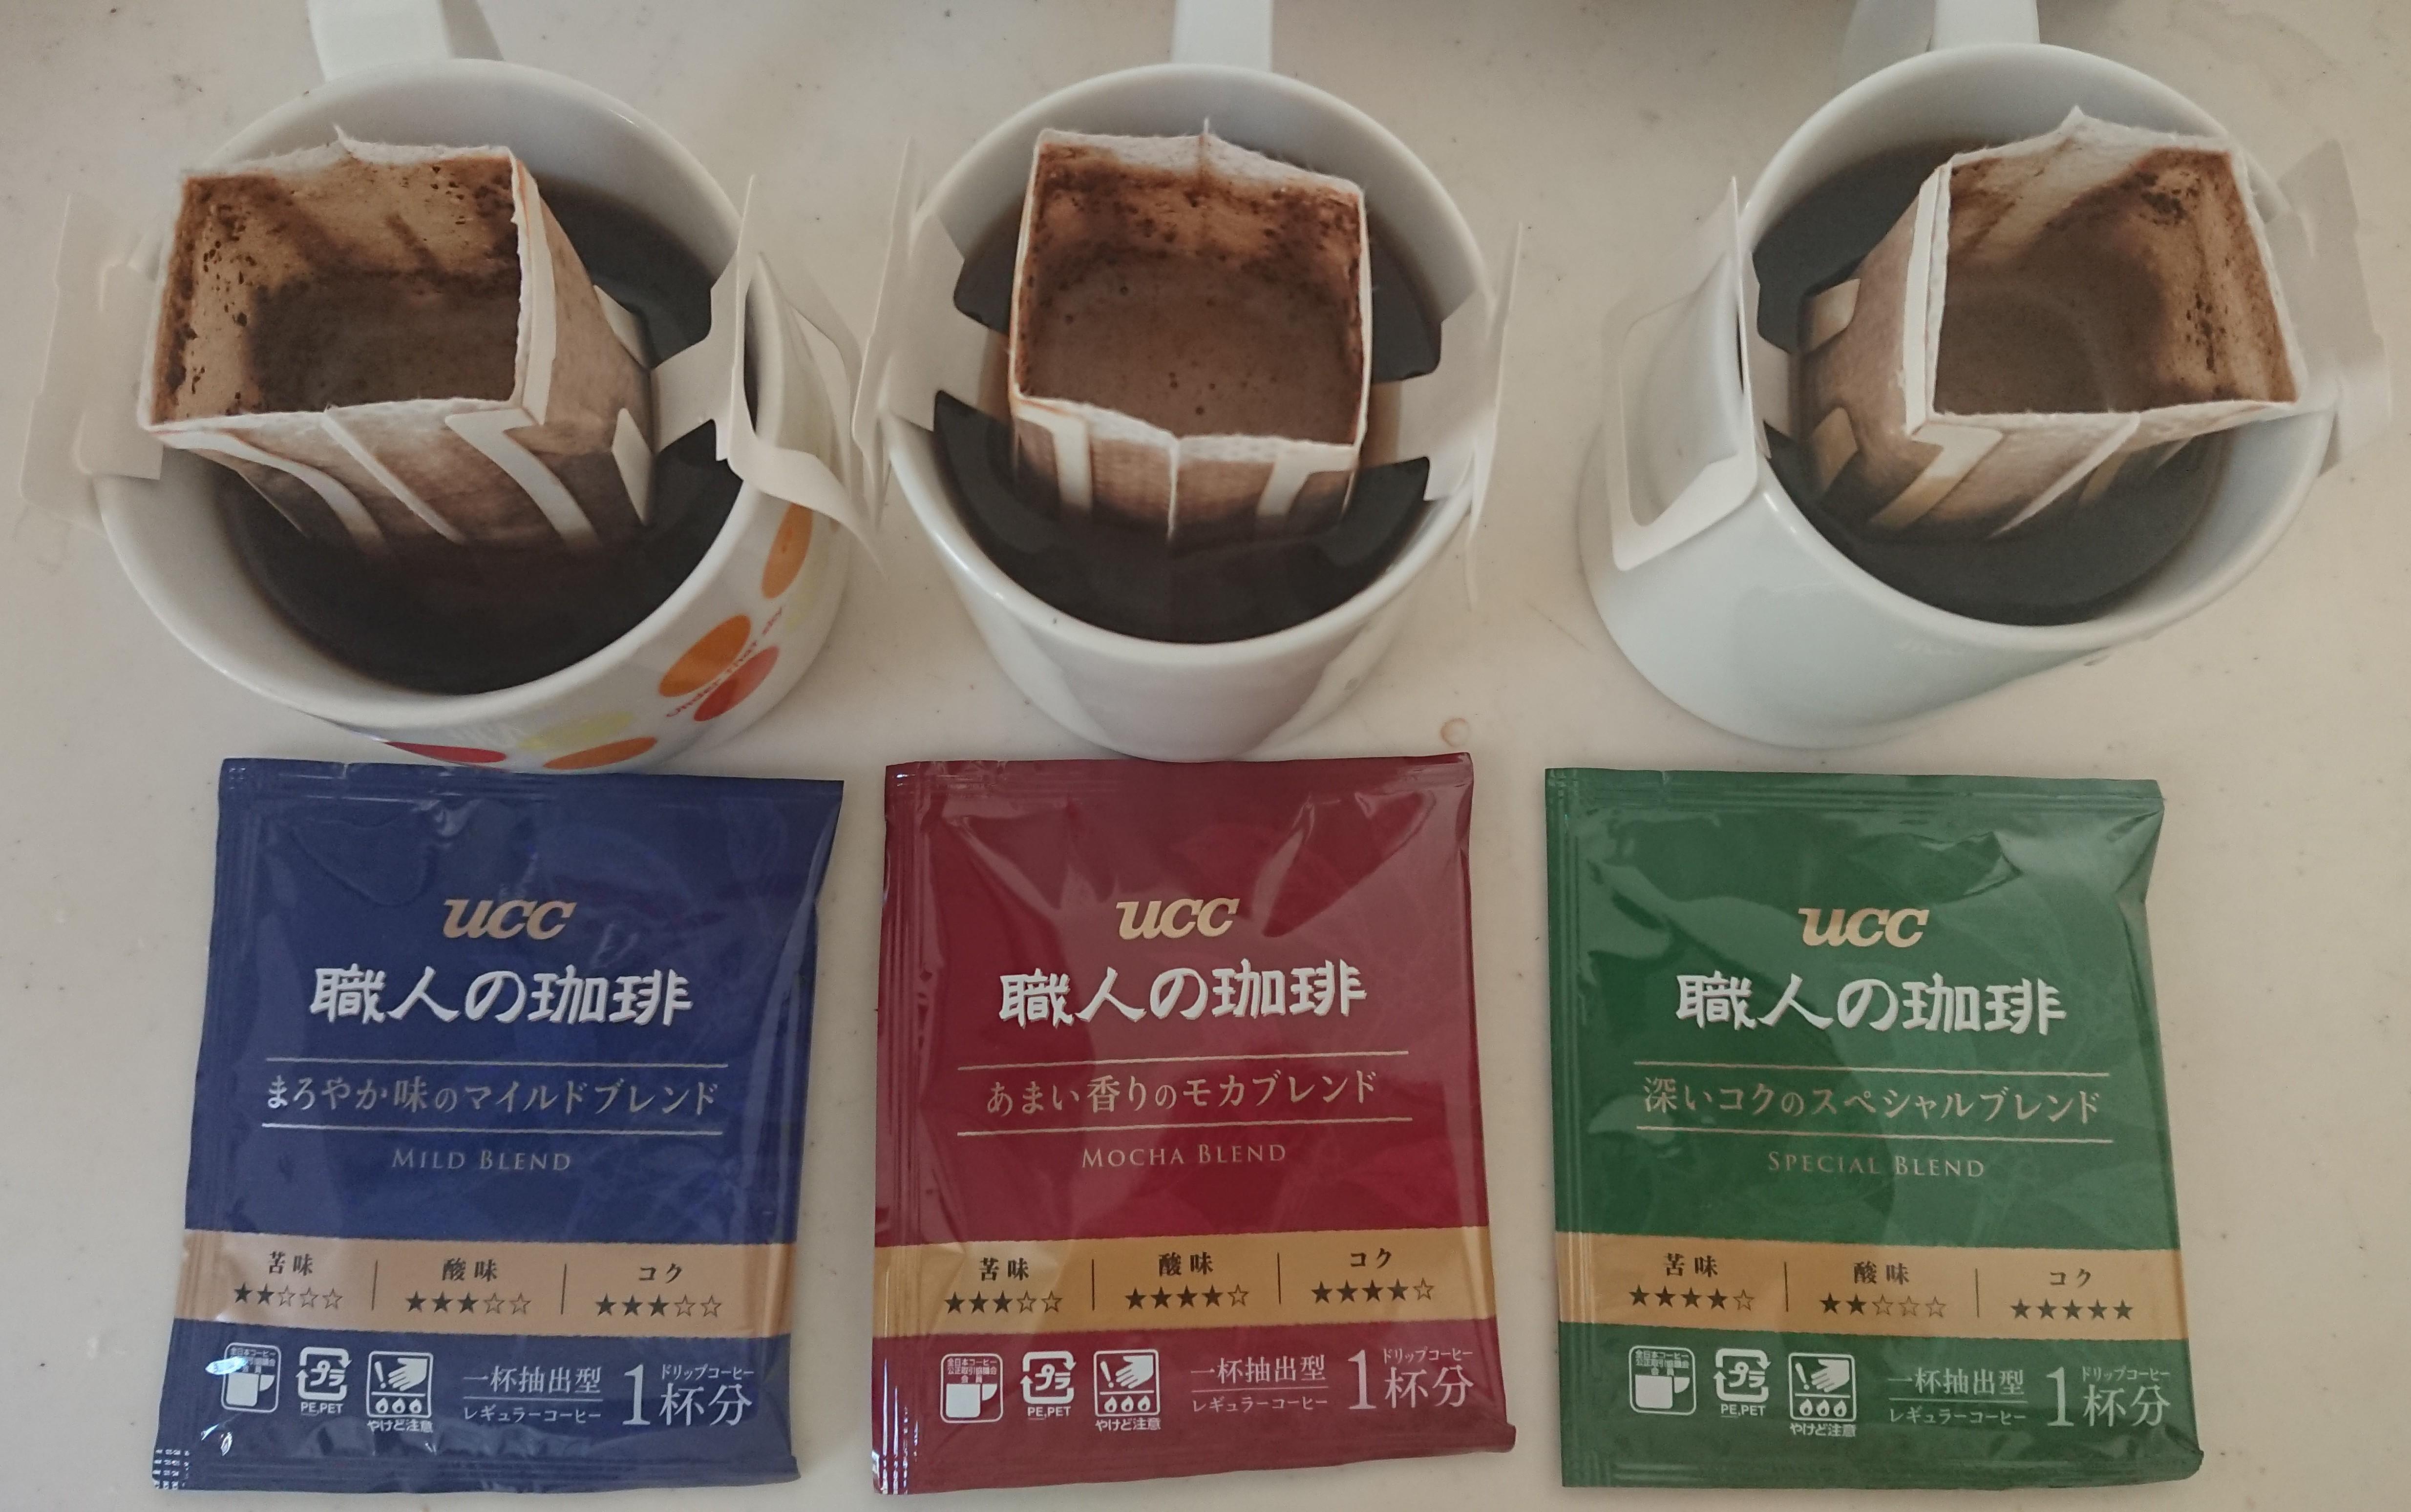 ドリップバックコーヒー3種類を味比べ